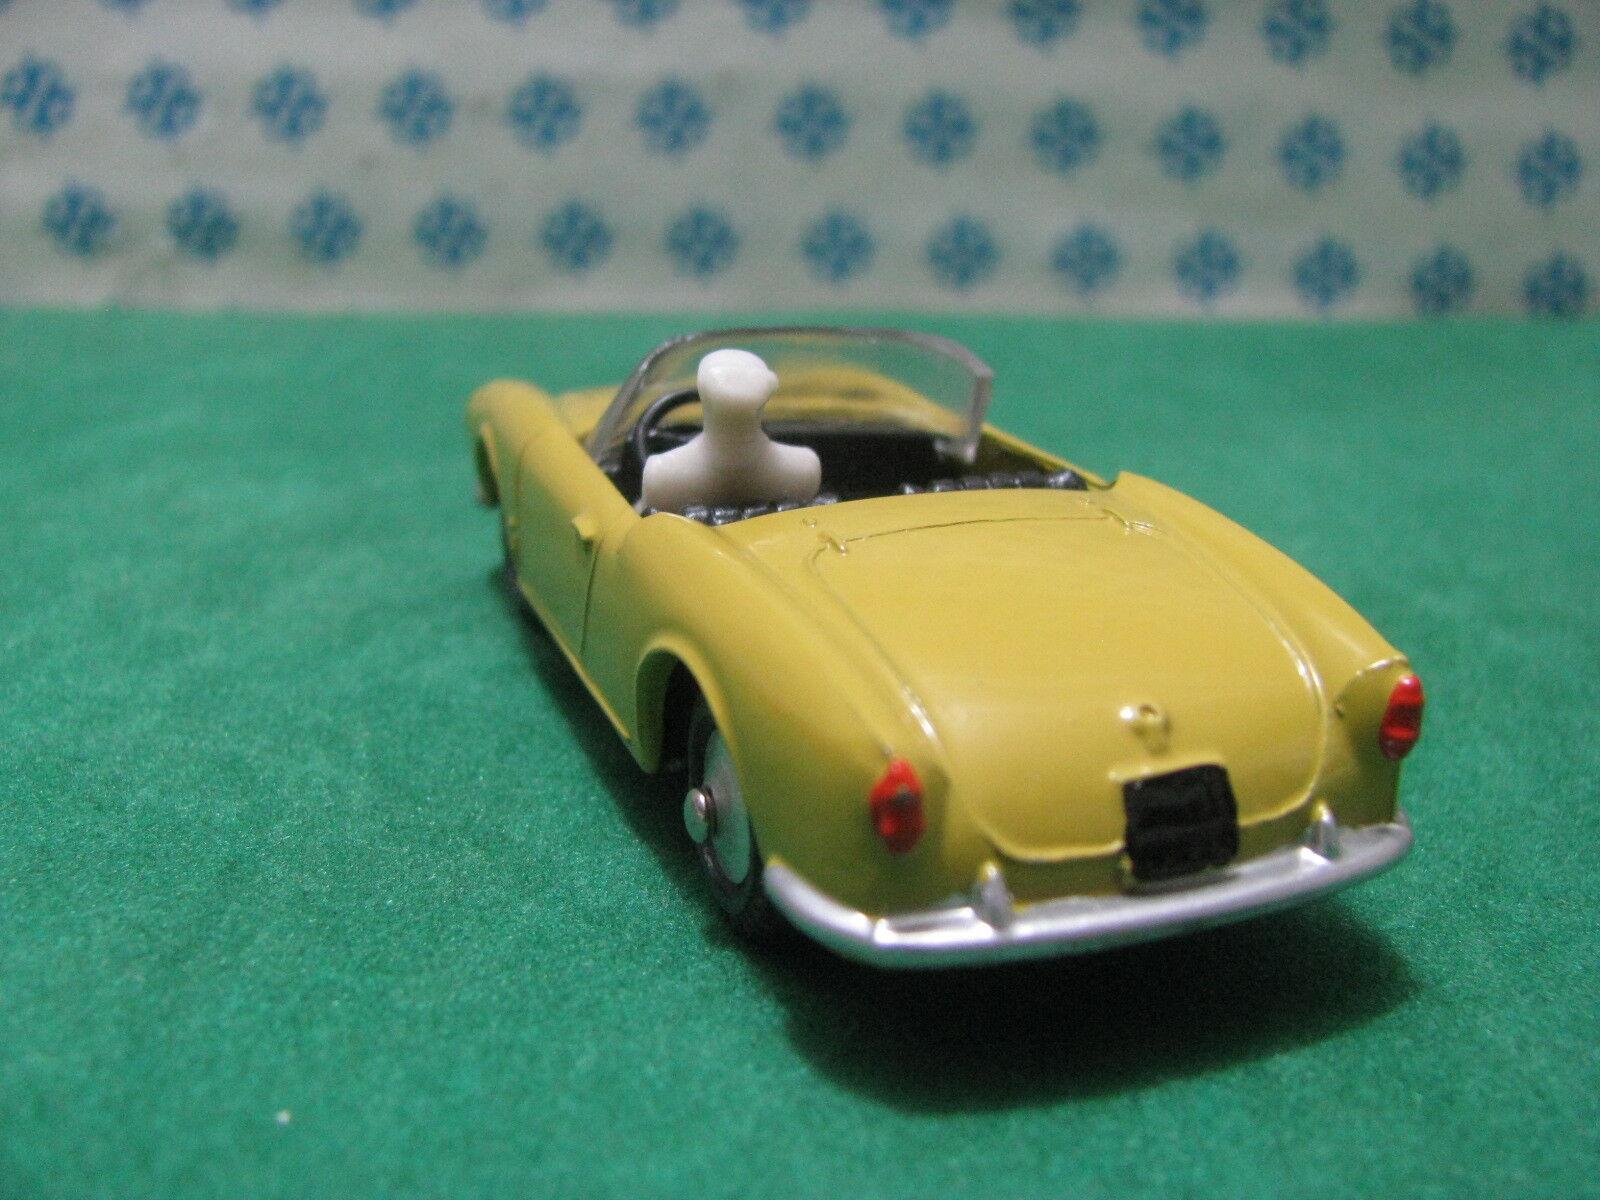 Vintage Vintage Vintage - ALFA ROMEO Giulietta Spider - 1 43 Metosul n°3 nueva 80c552